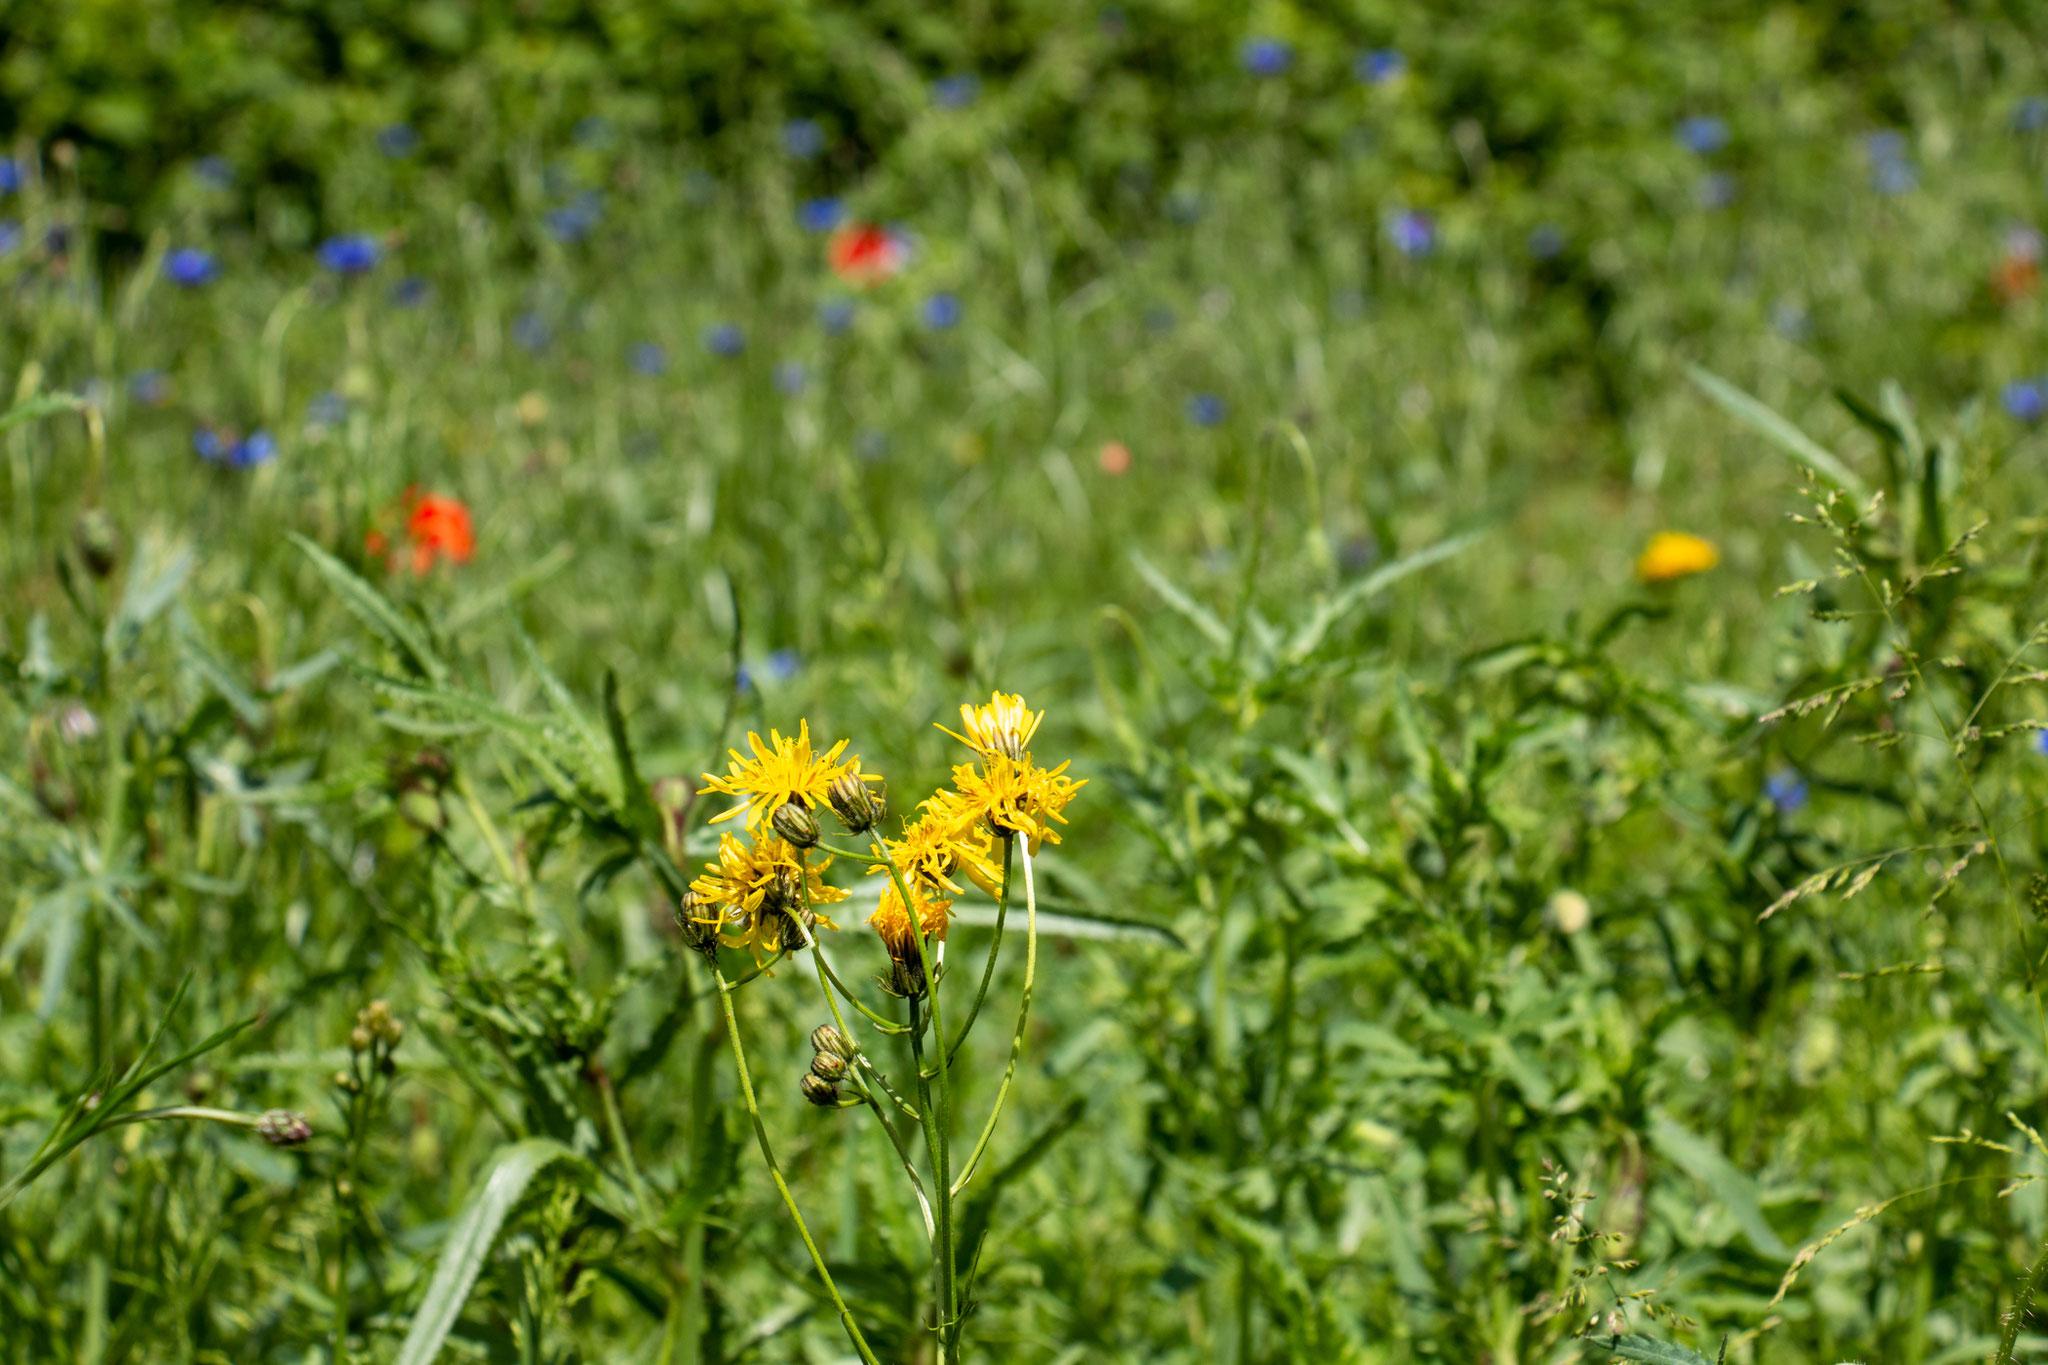 Wiesen-Pippau [Crepis biennis] (Foto: B. Budig)